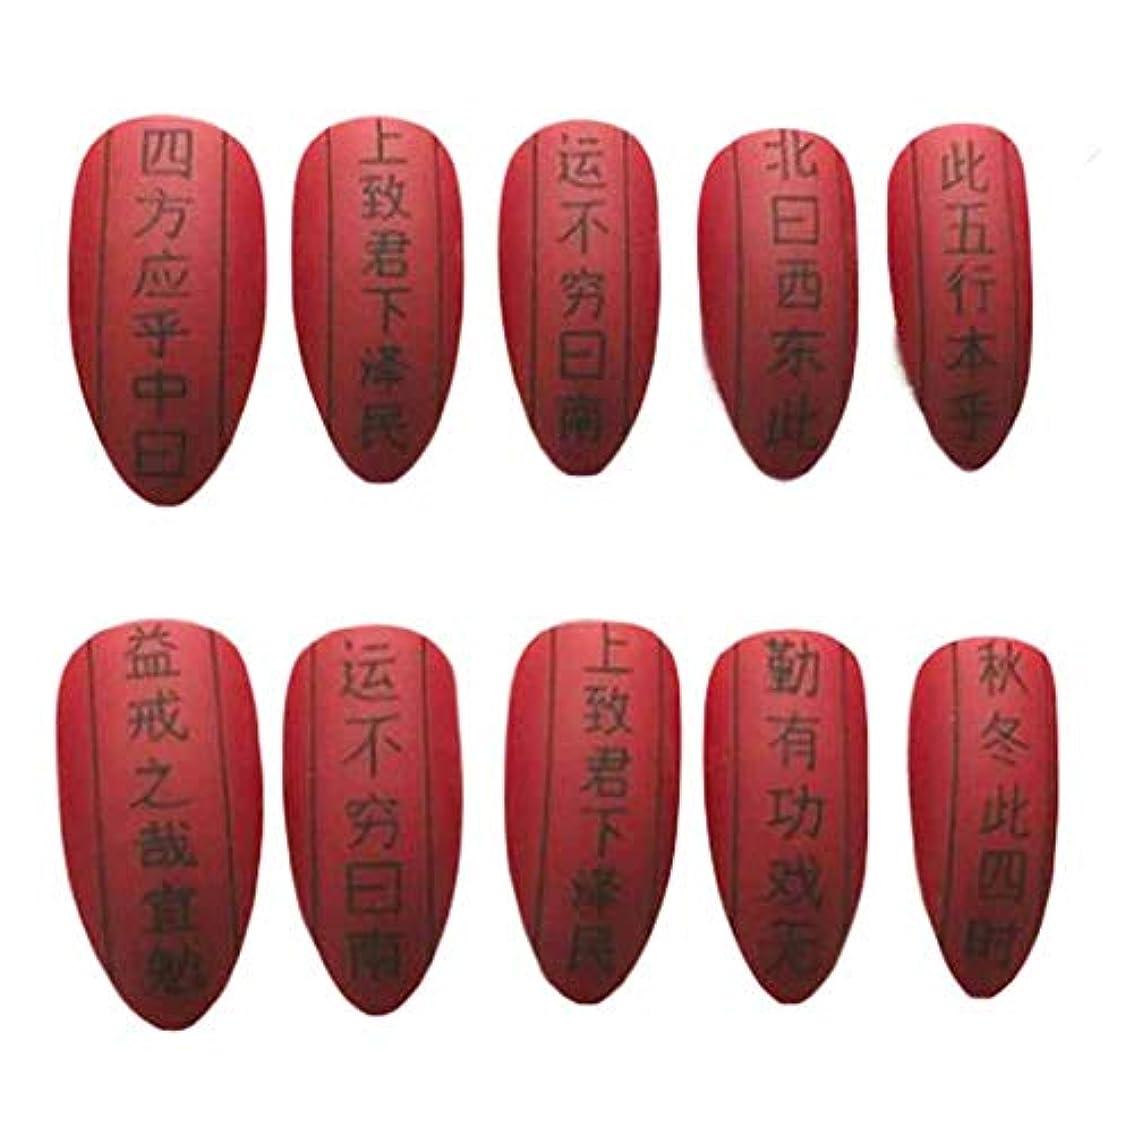 ライターお金目覚める三字経 - 赤い偽の指爪人工爪の装飾の爪のヒント